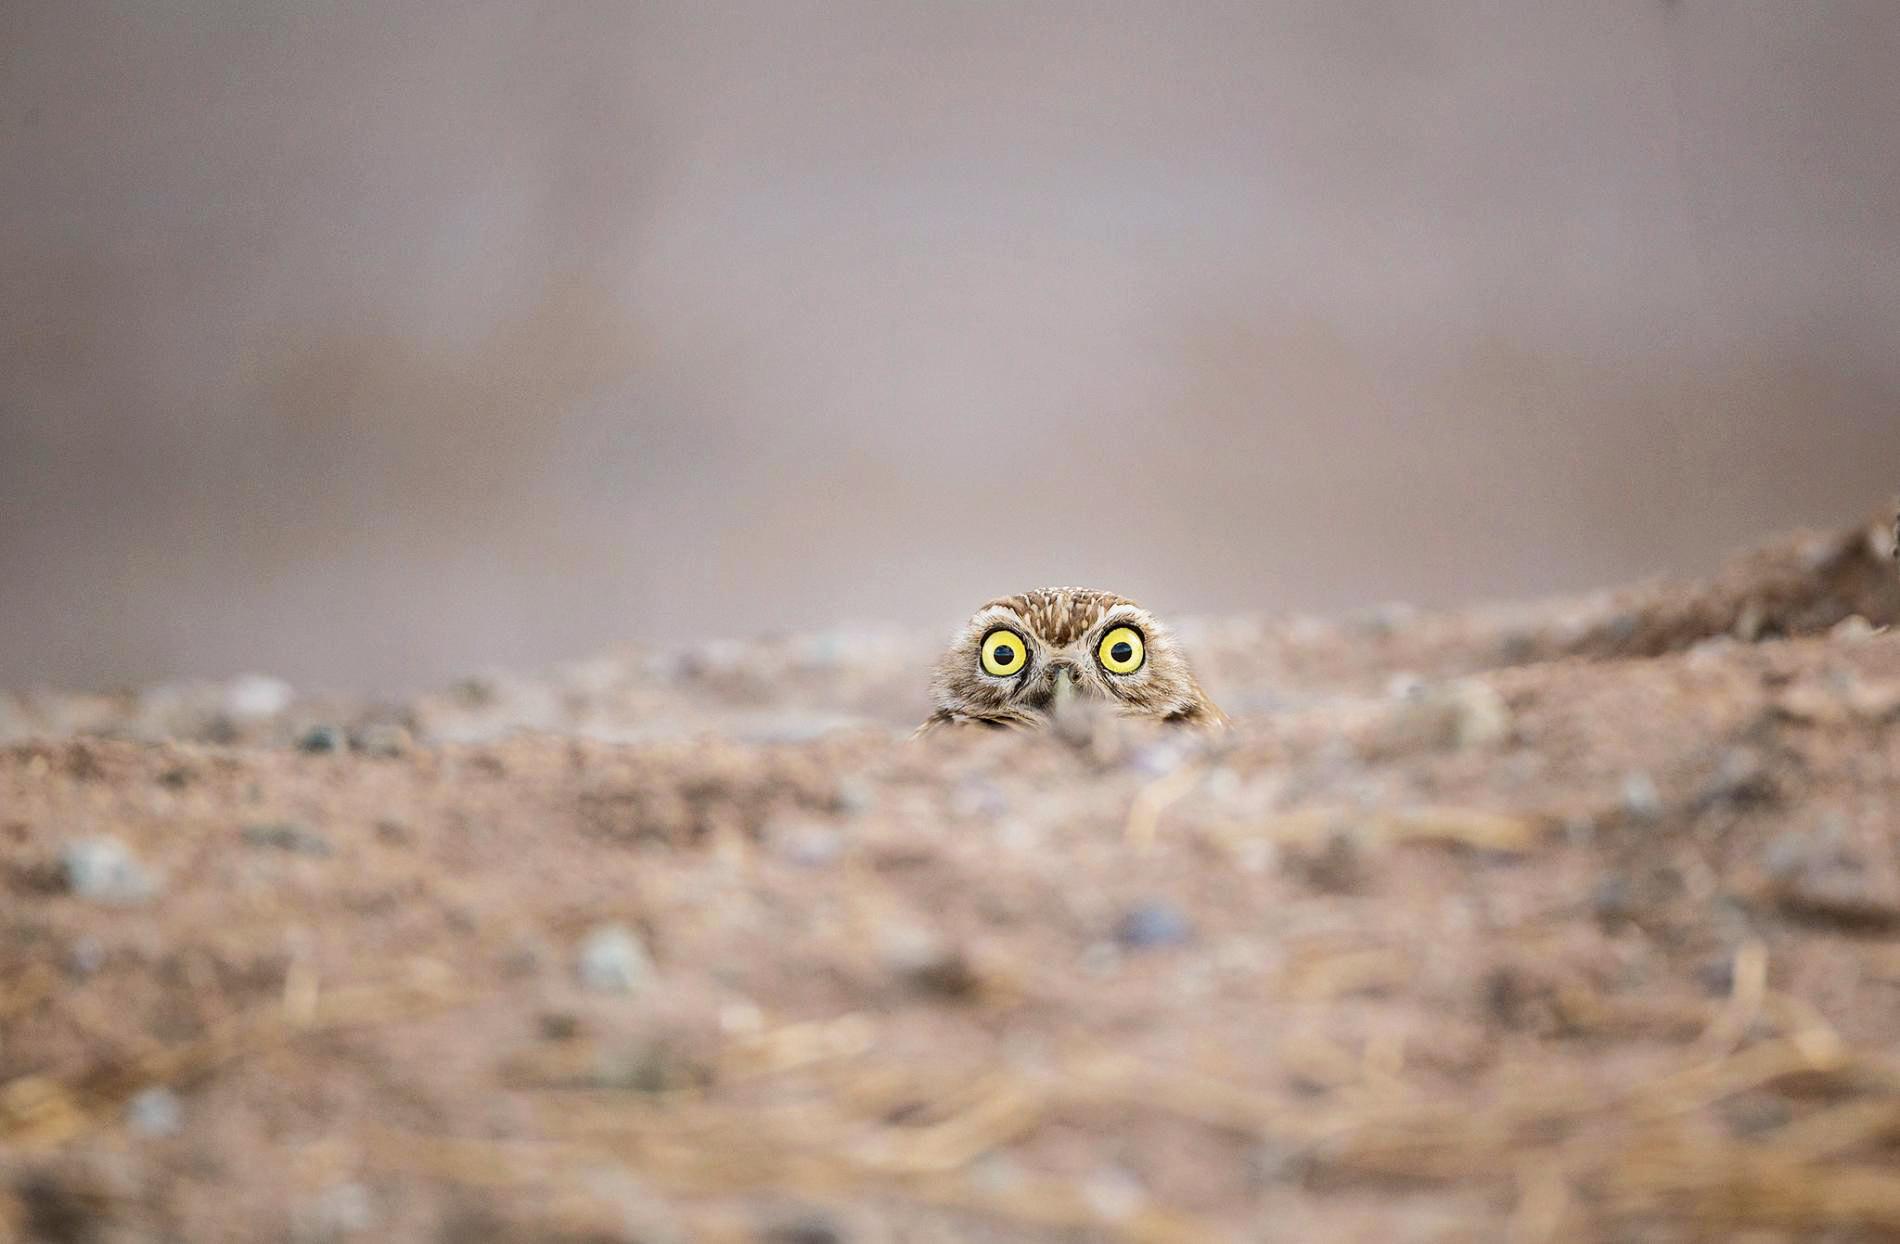 Любопытная сова выглядывает из-под земли.